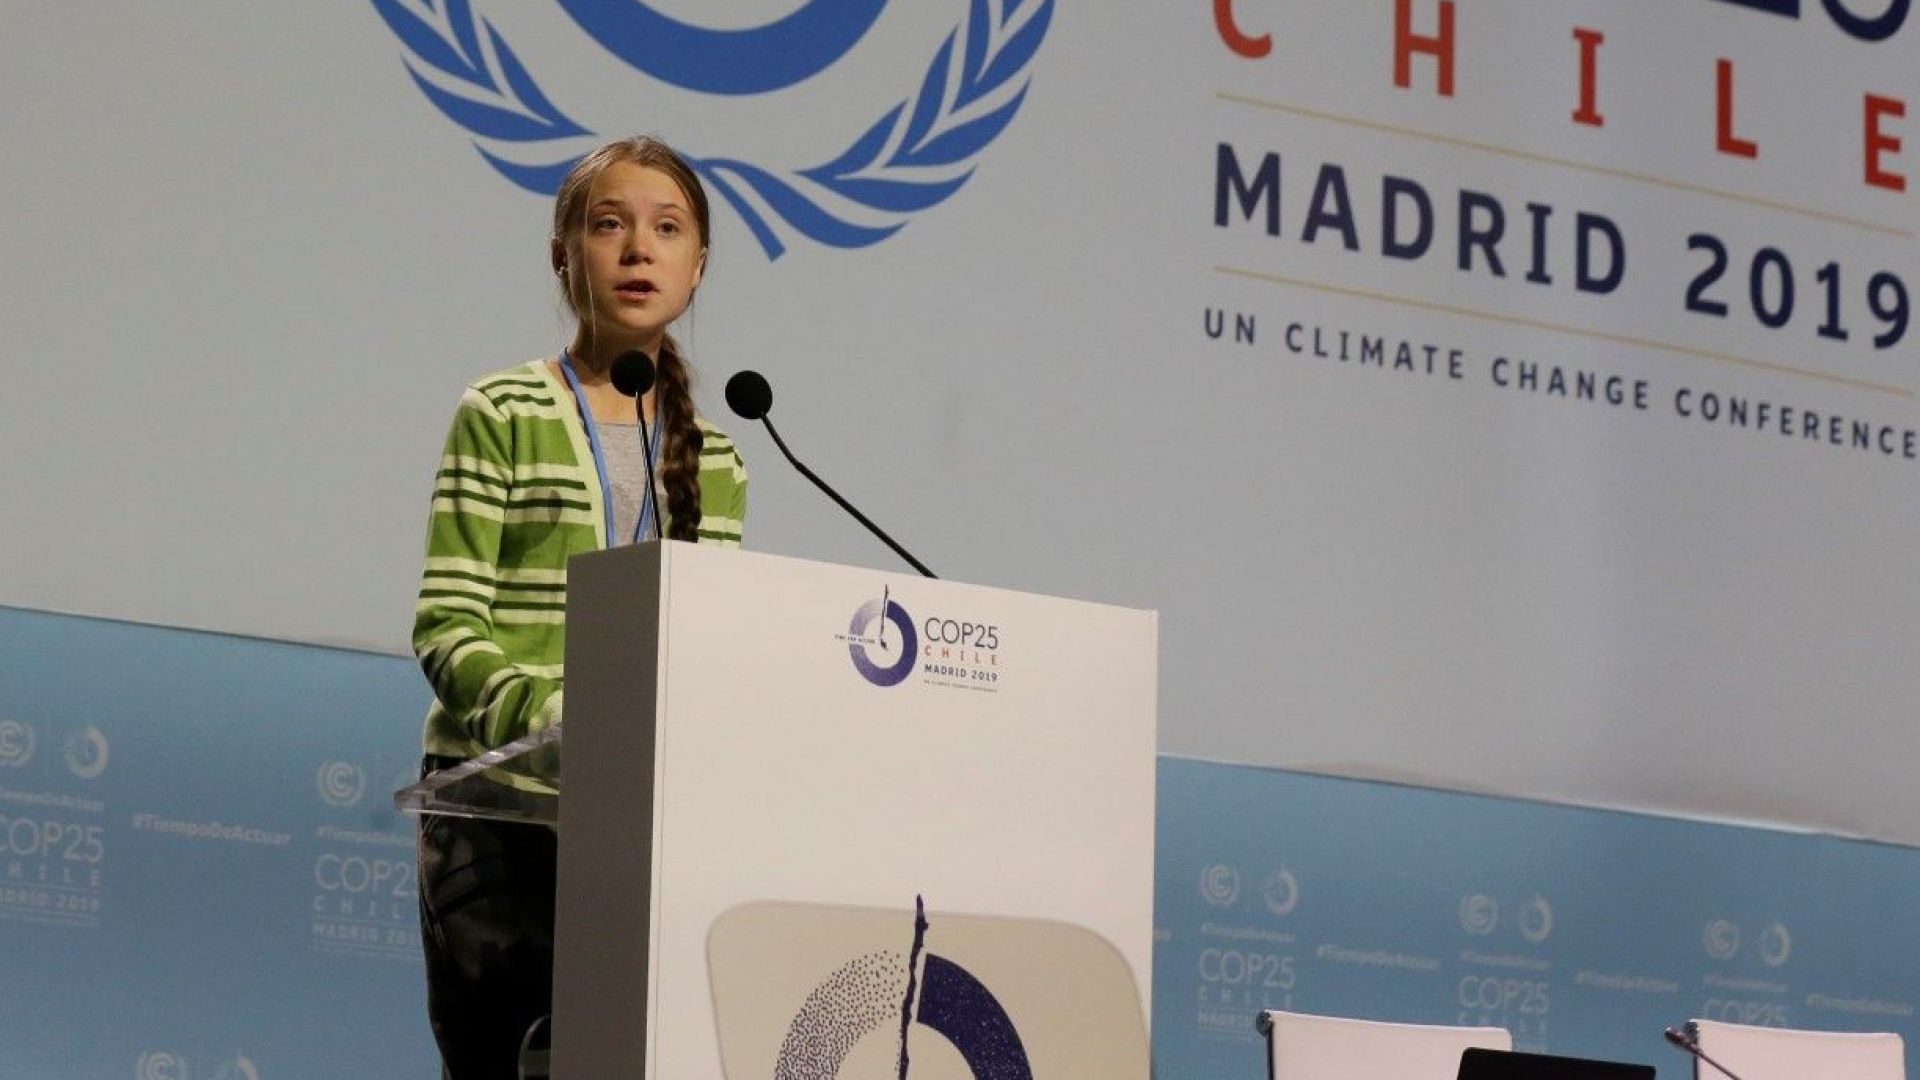 Младата шведска екоактивистка Грета Тунберг бе обявена за